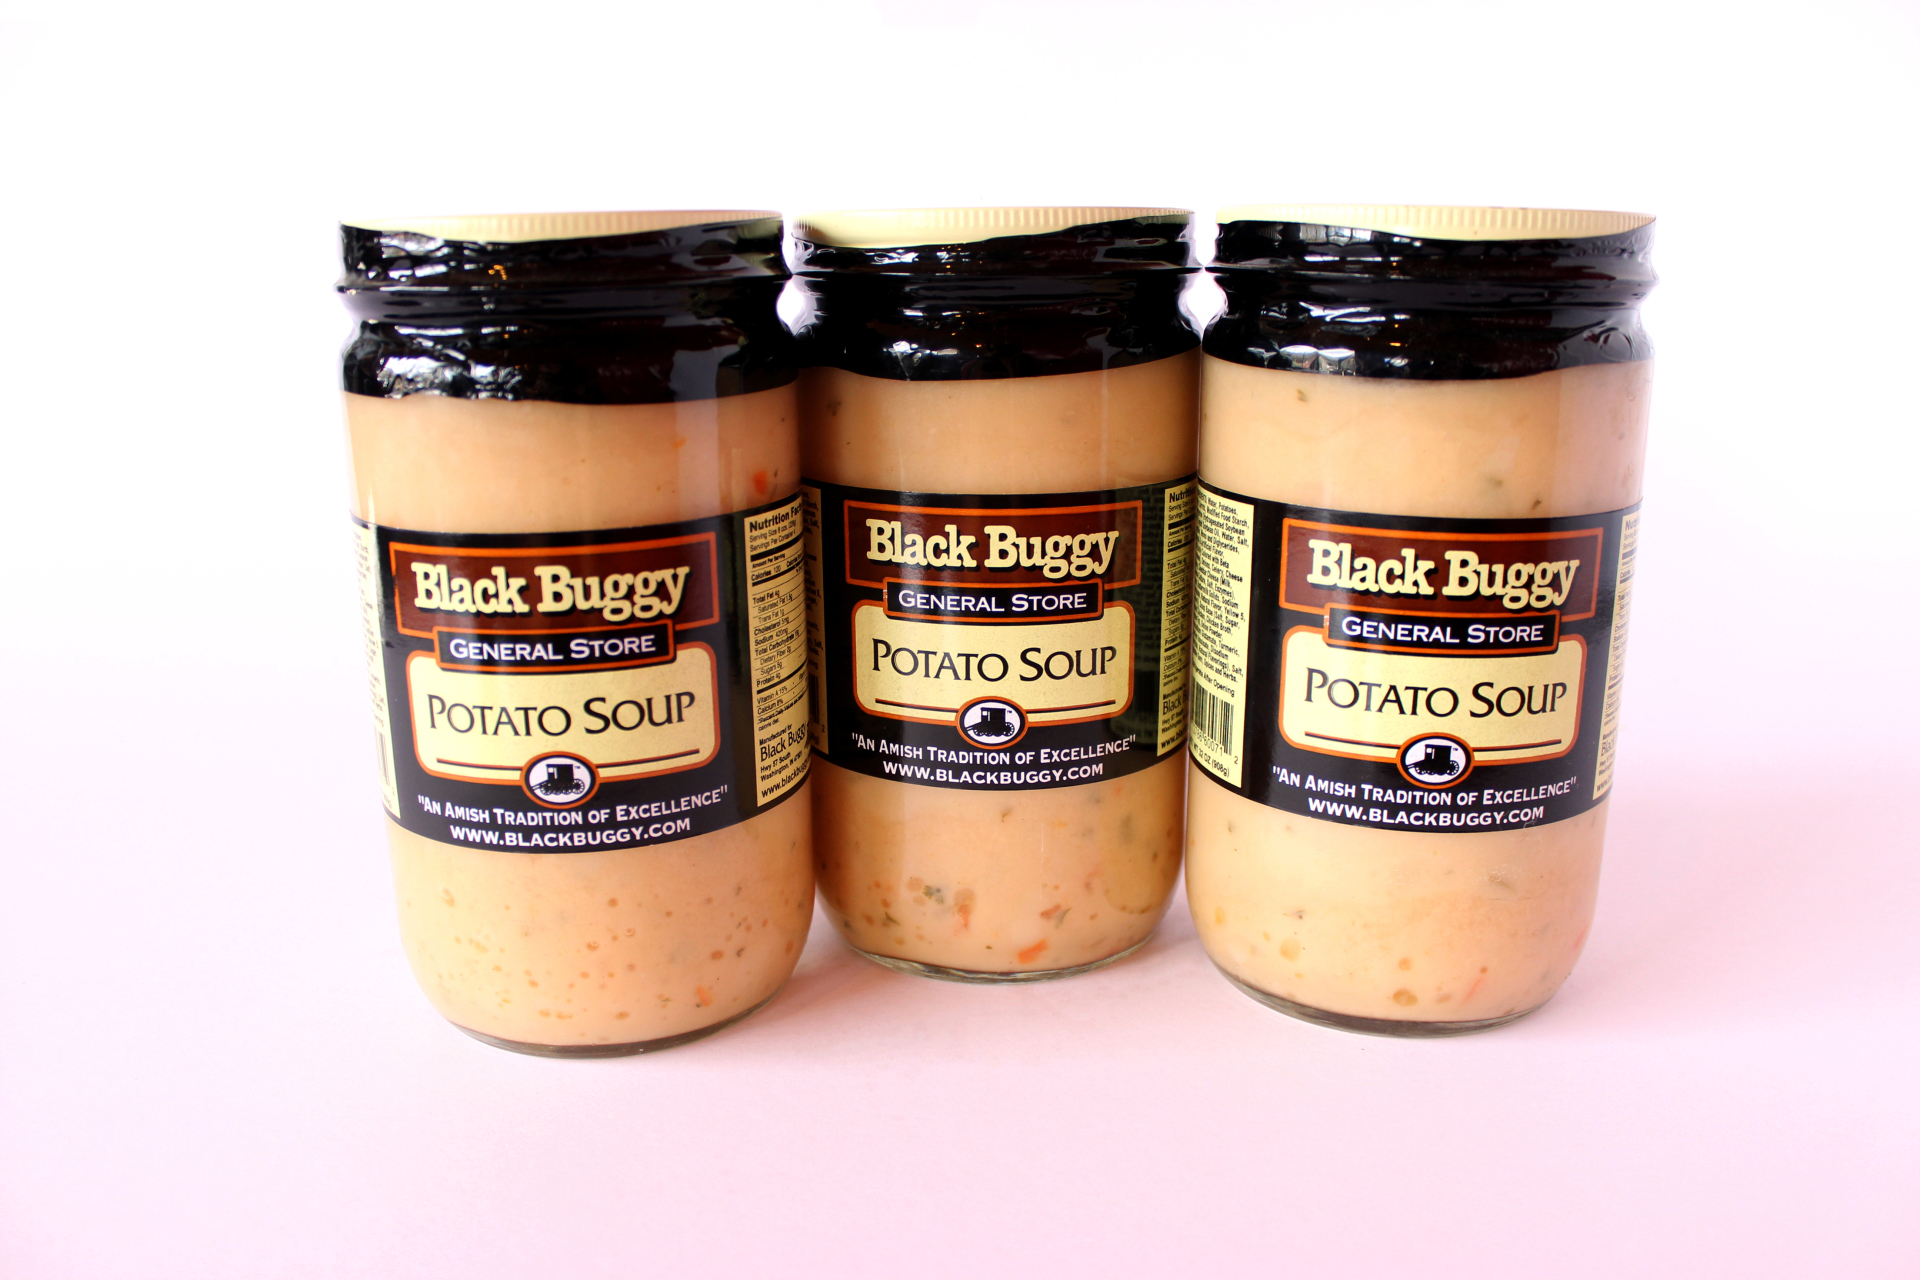 Black Buggy Potato Soup